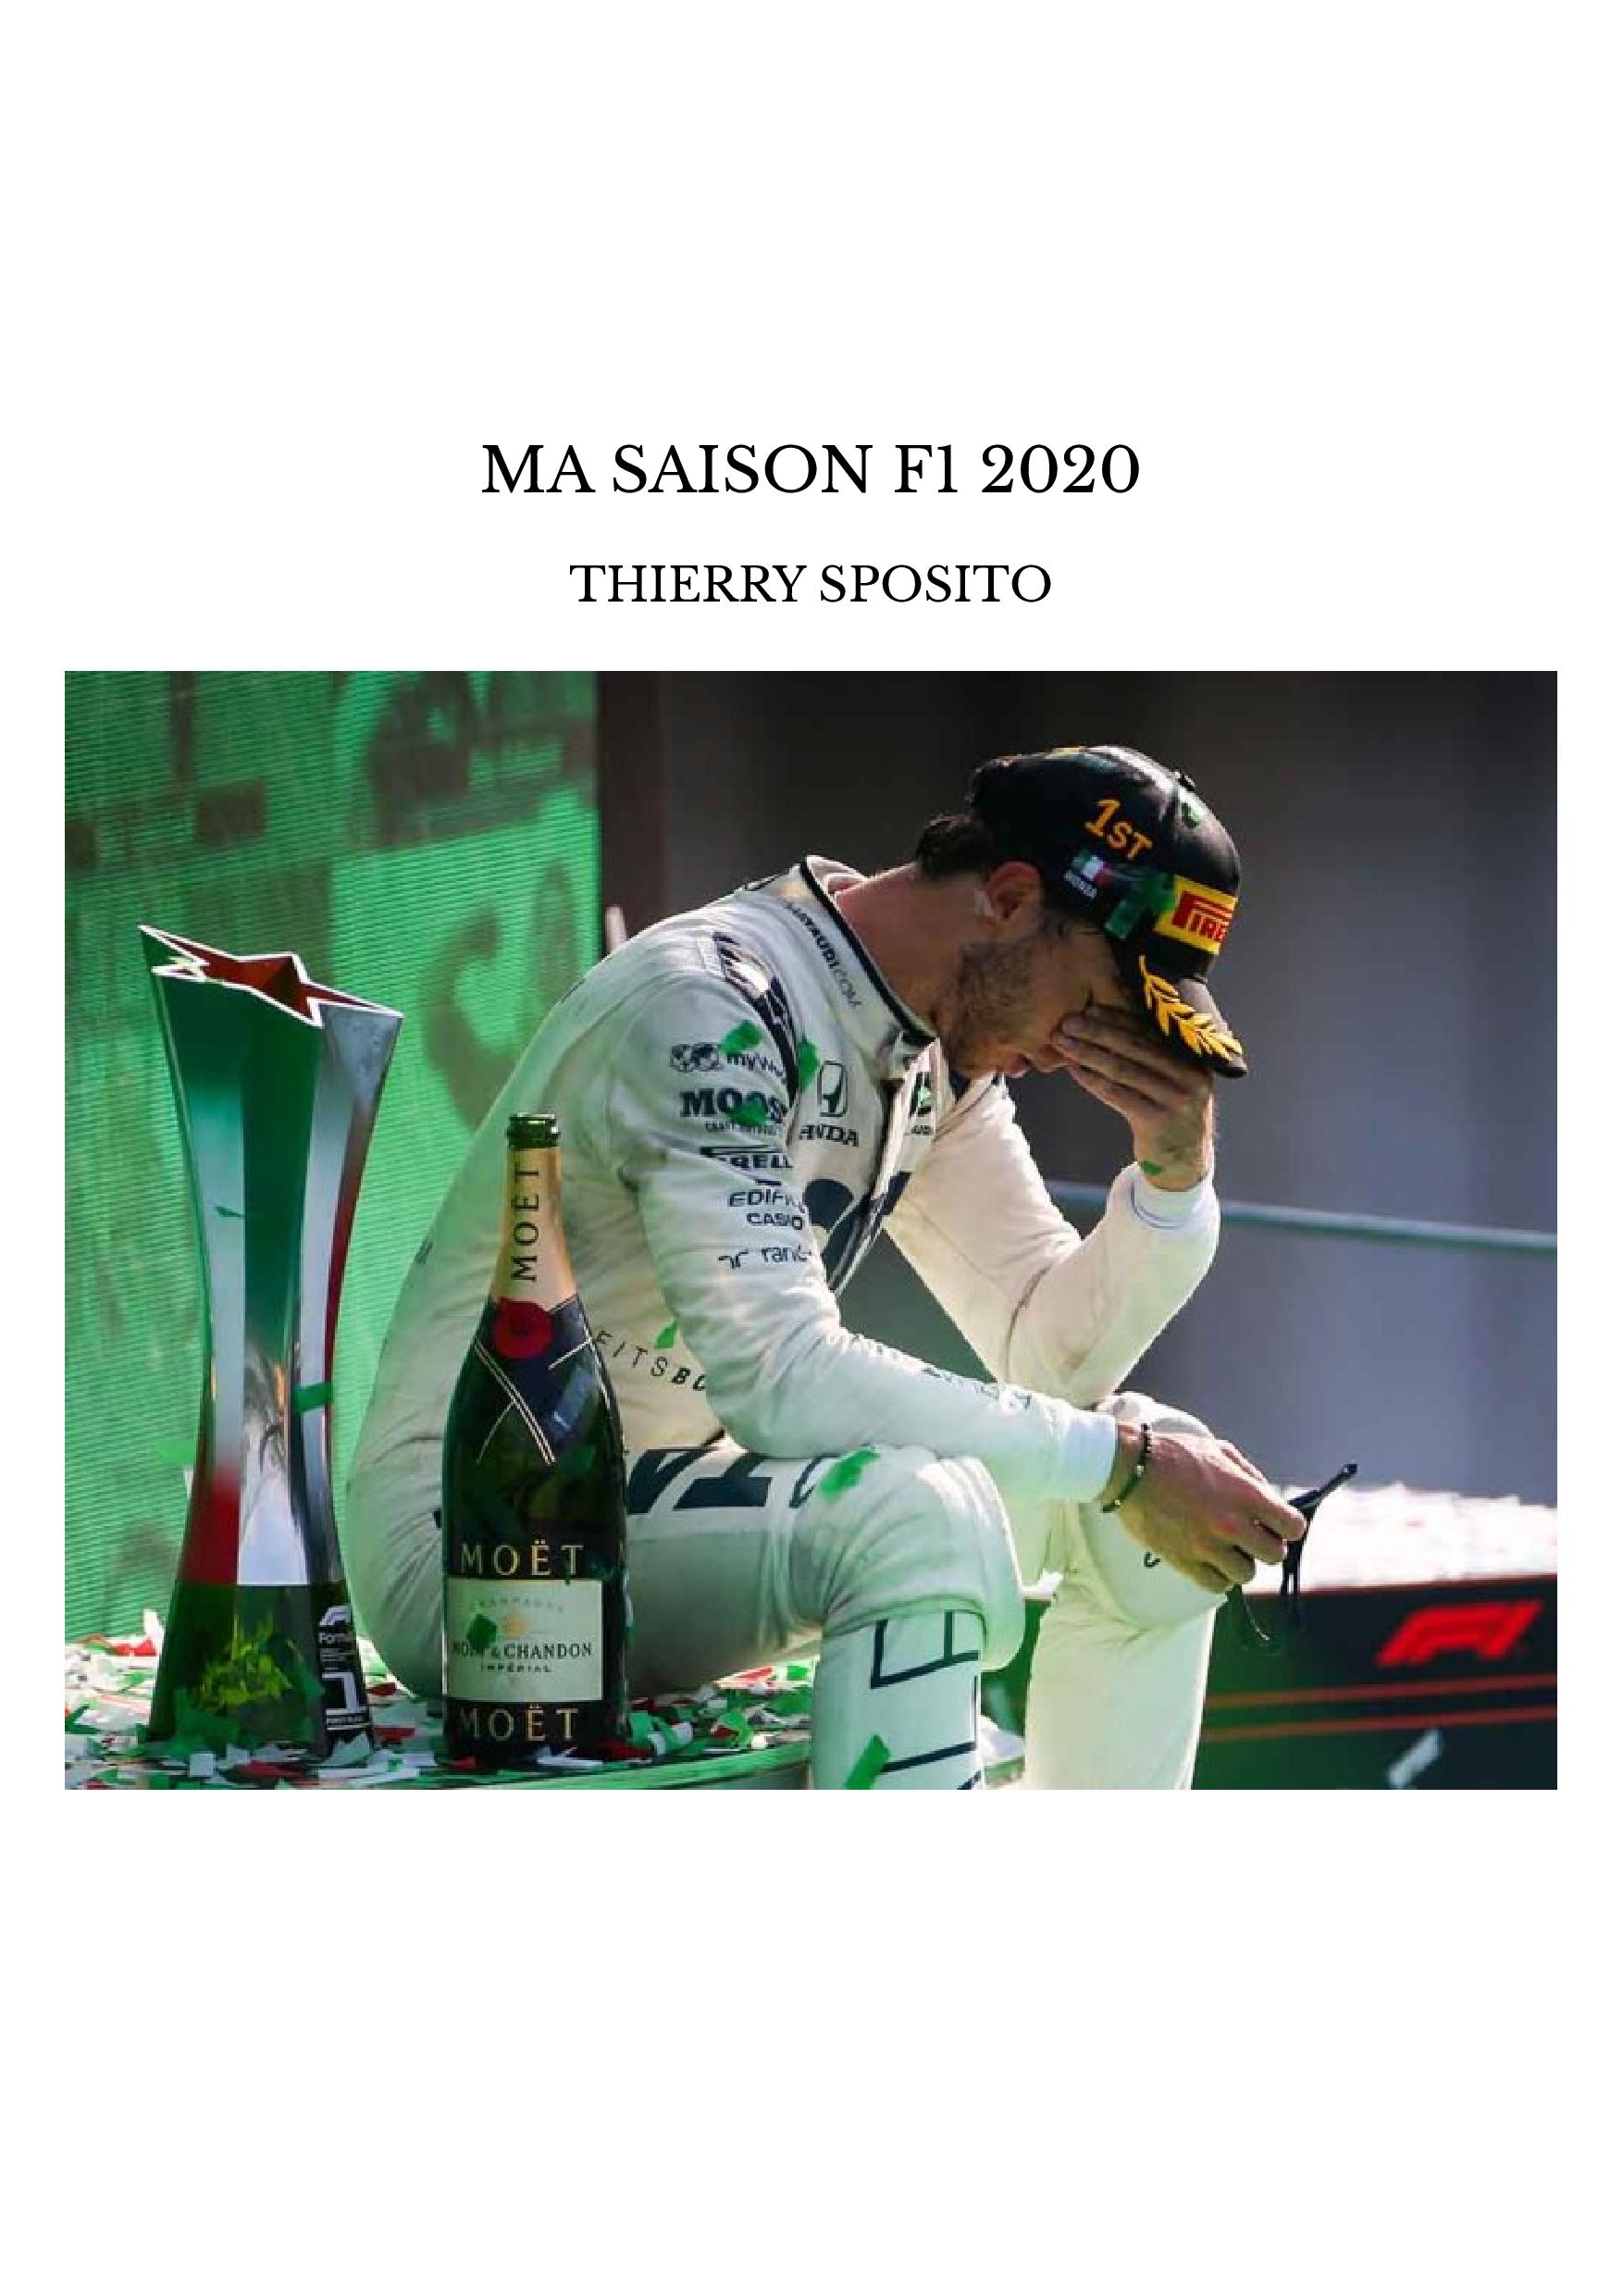 MA SAISON F1 2020